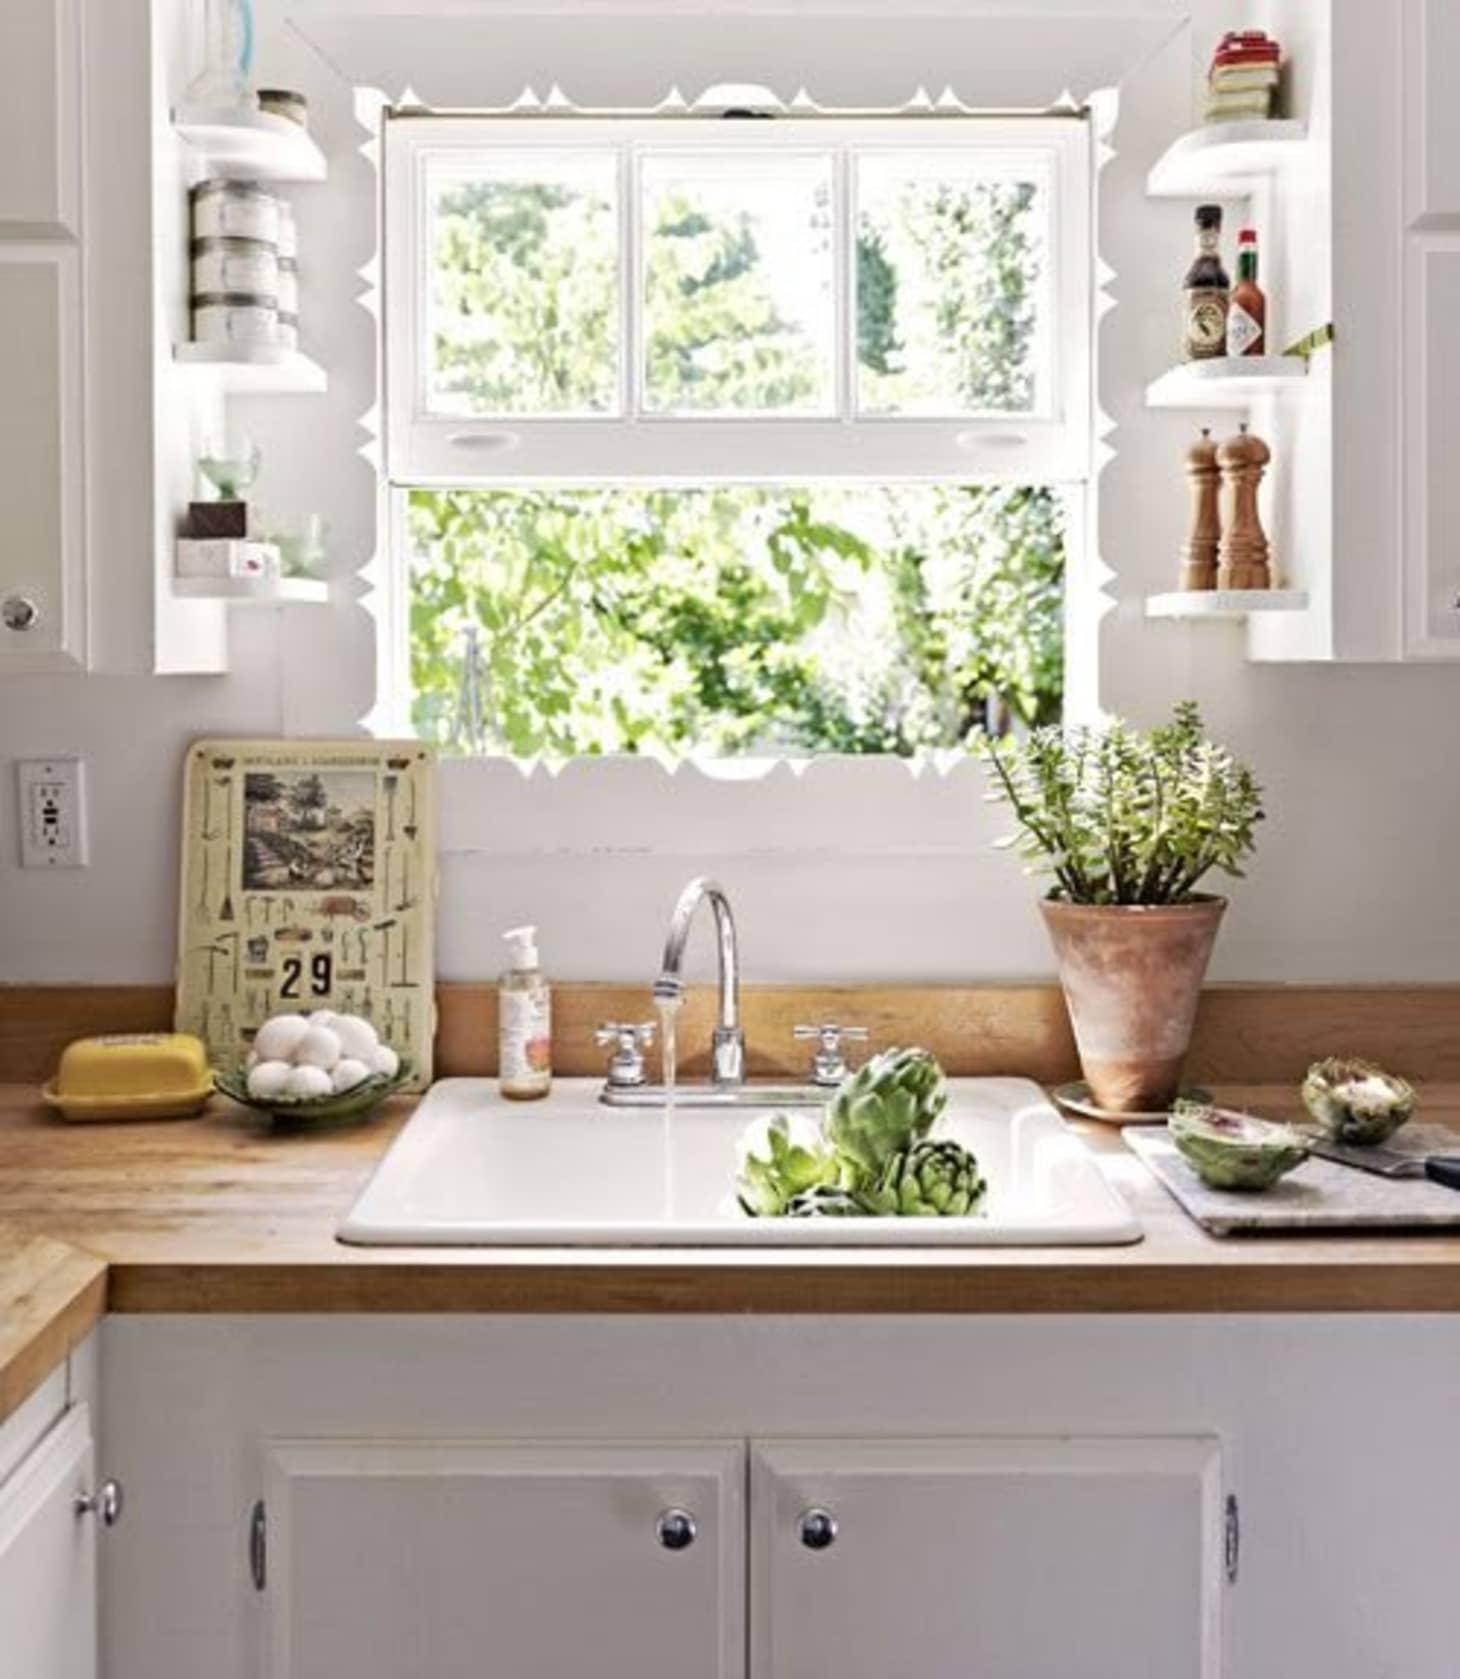 Small Kitchen Storage & Organization Ideas - Clever ...